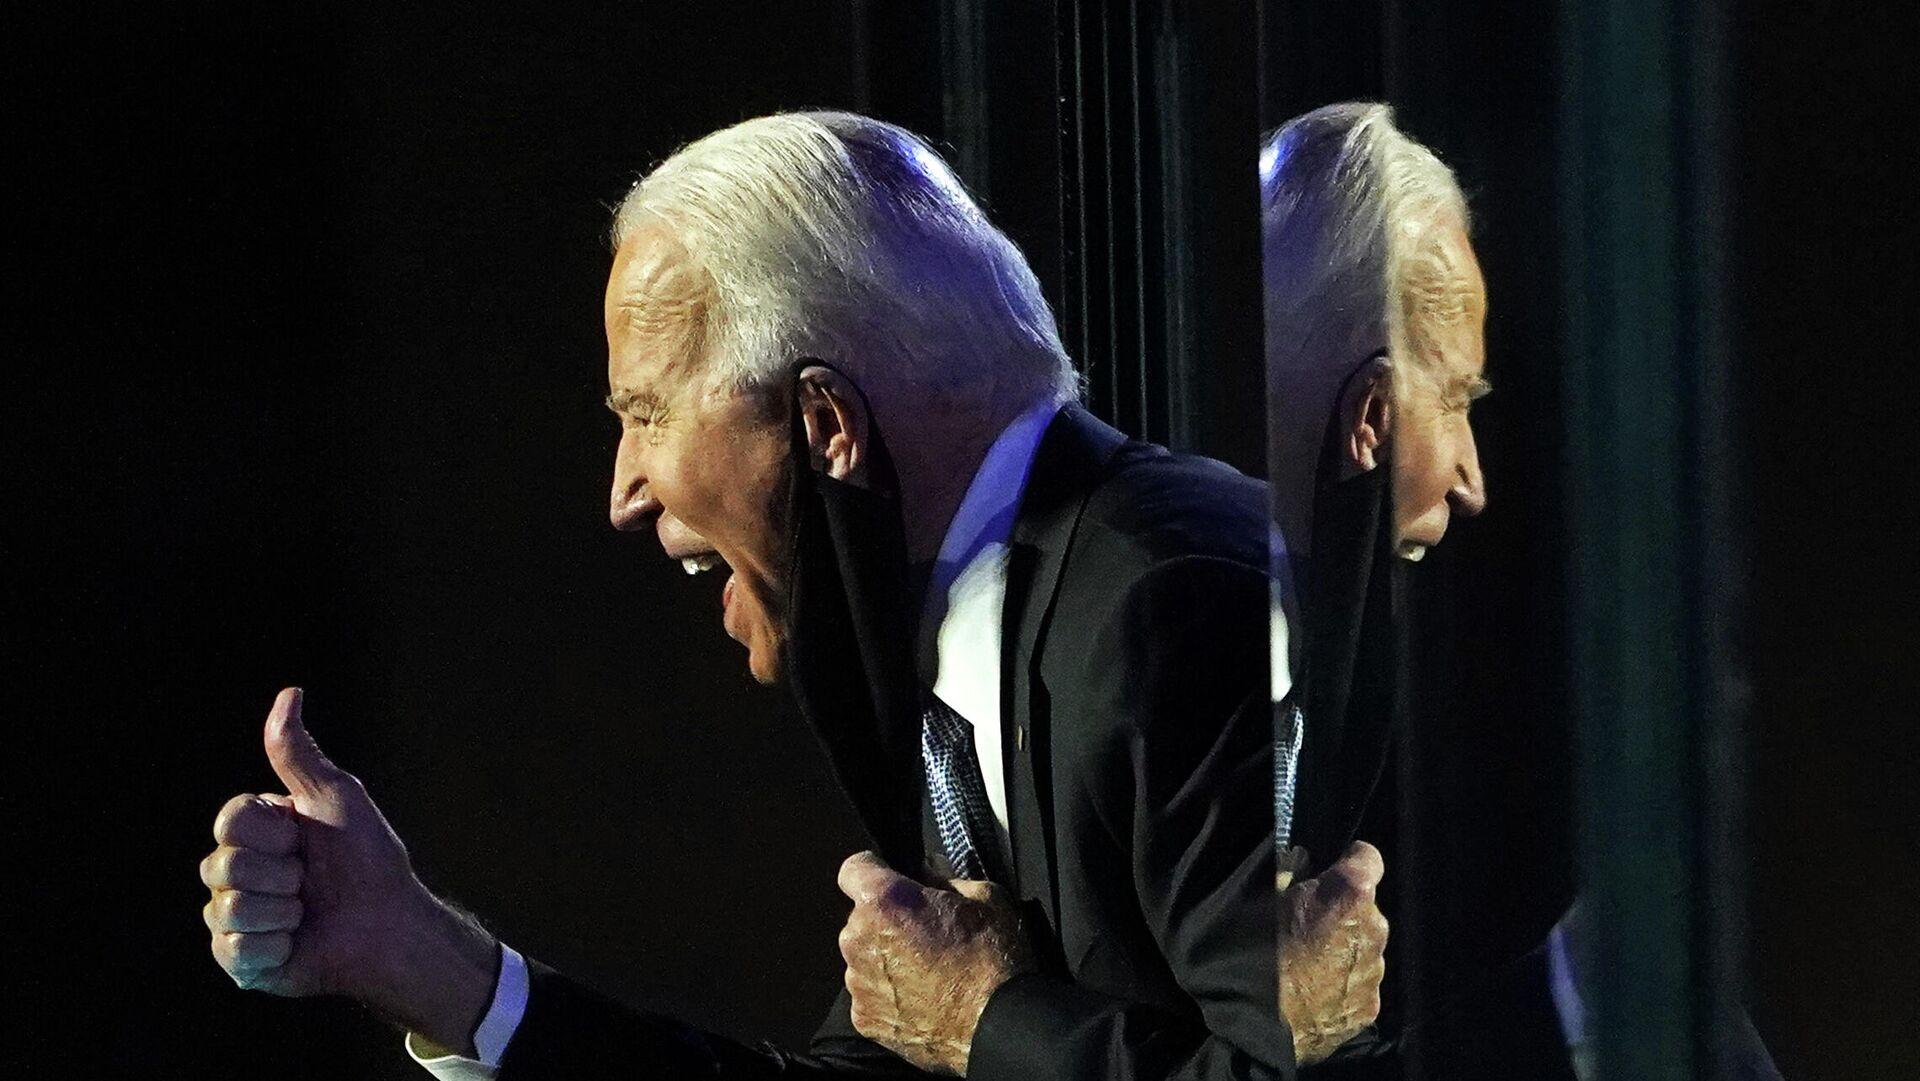 Кандидат в президенты США от Демократической партии Джо Байден выступает перед избирателями после того, как СМИ объявили, что Байден победил на выборах в США  - РИА Новости, 1920, 24.11.2020